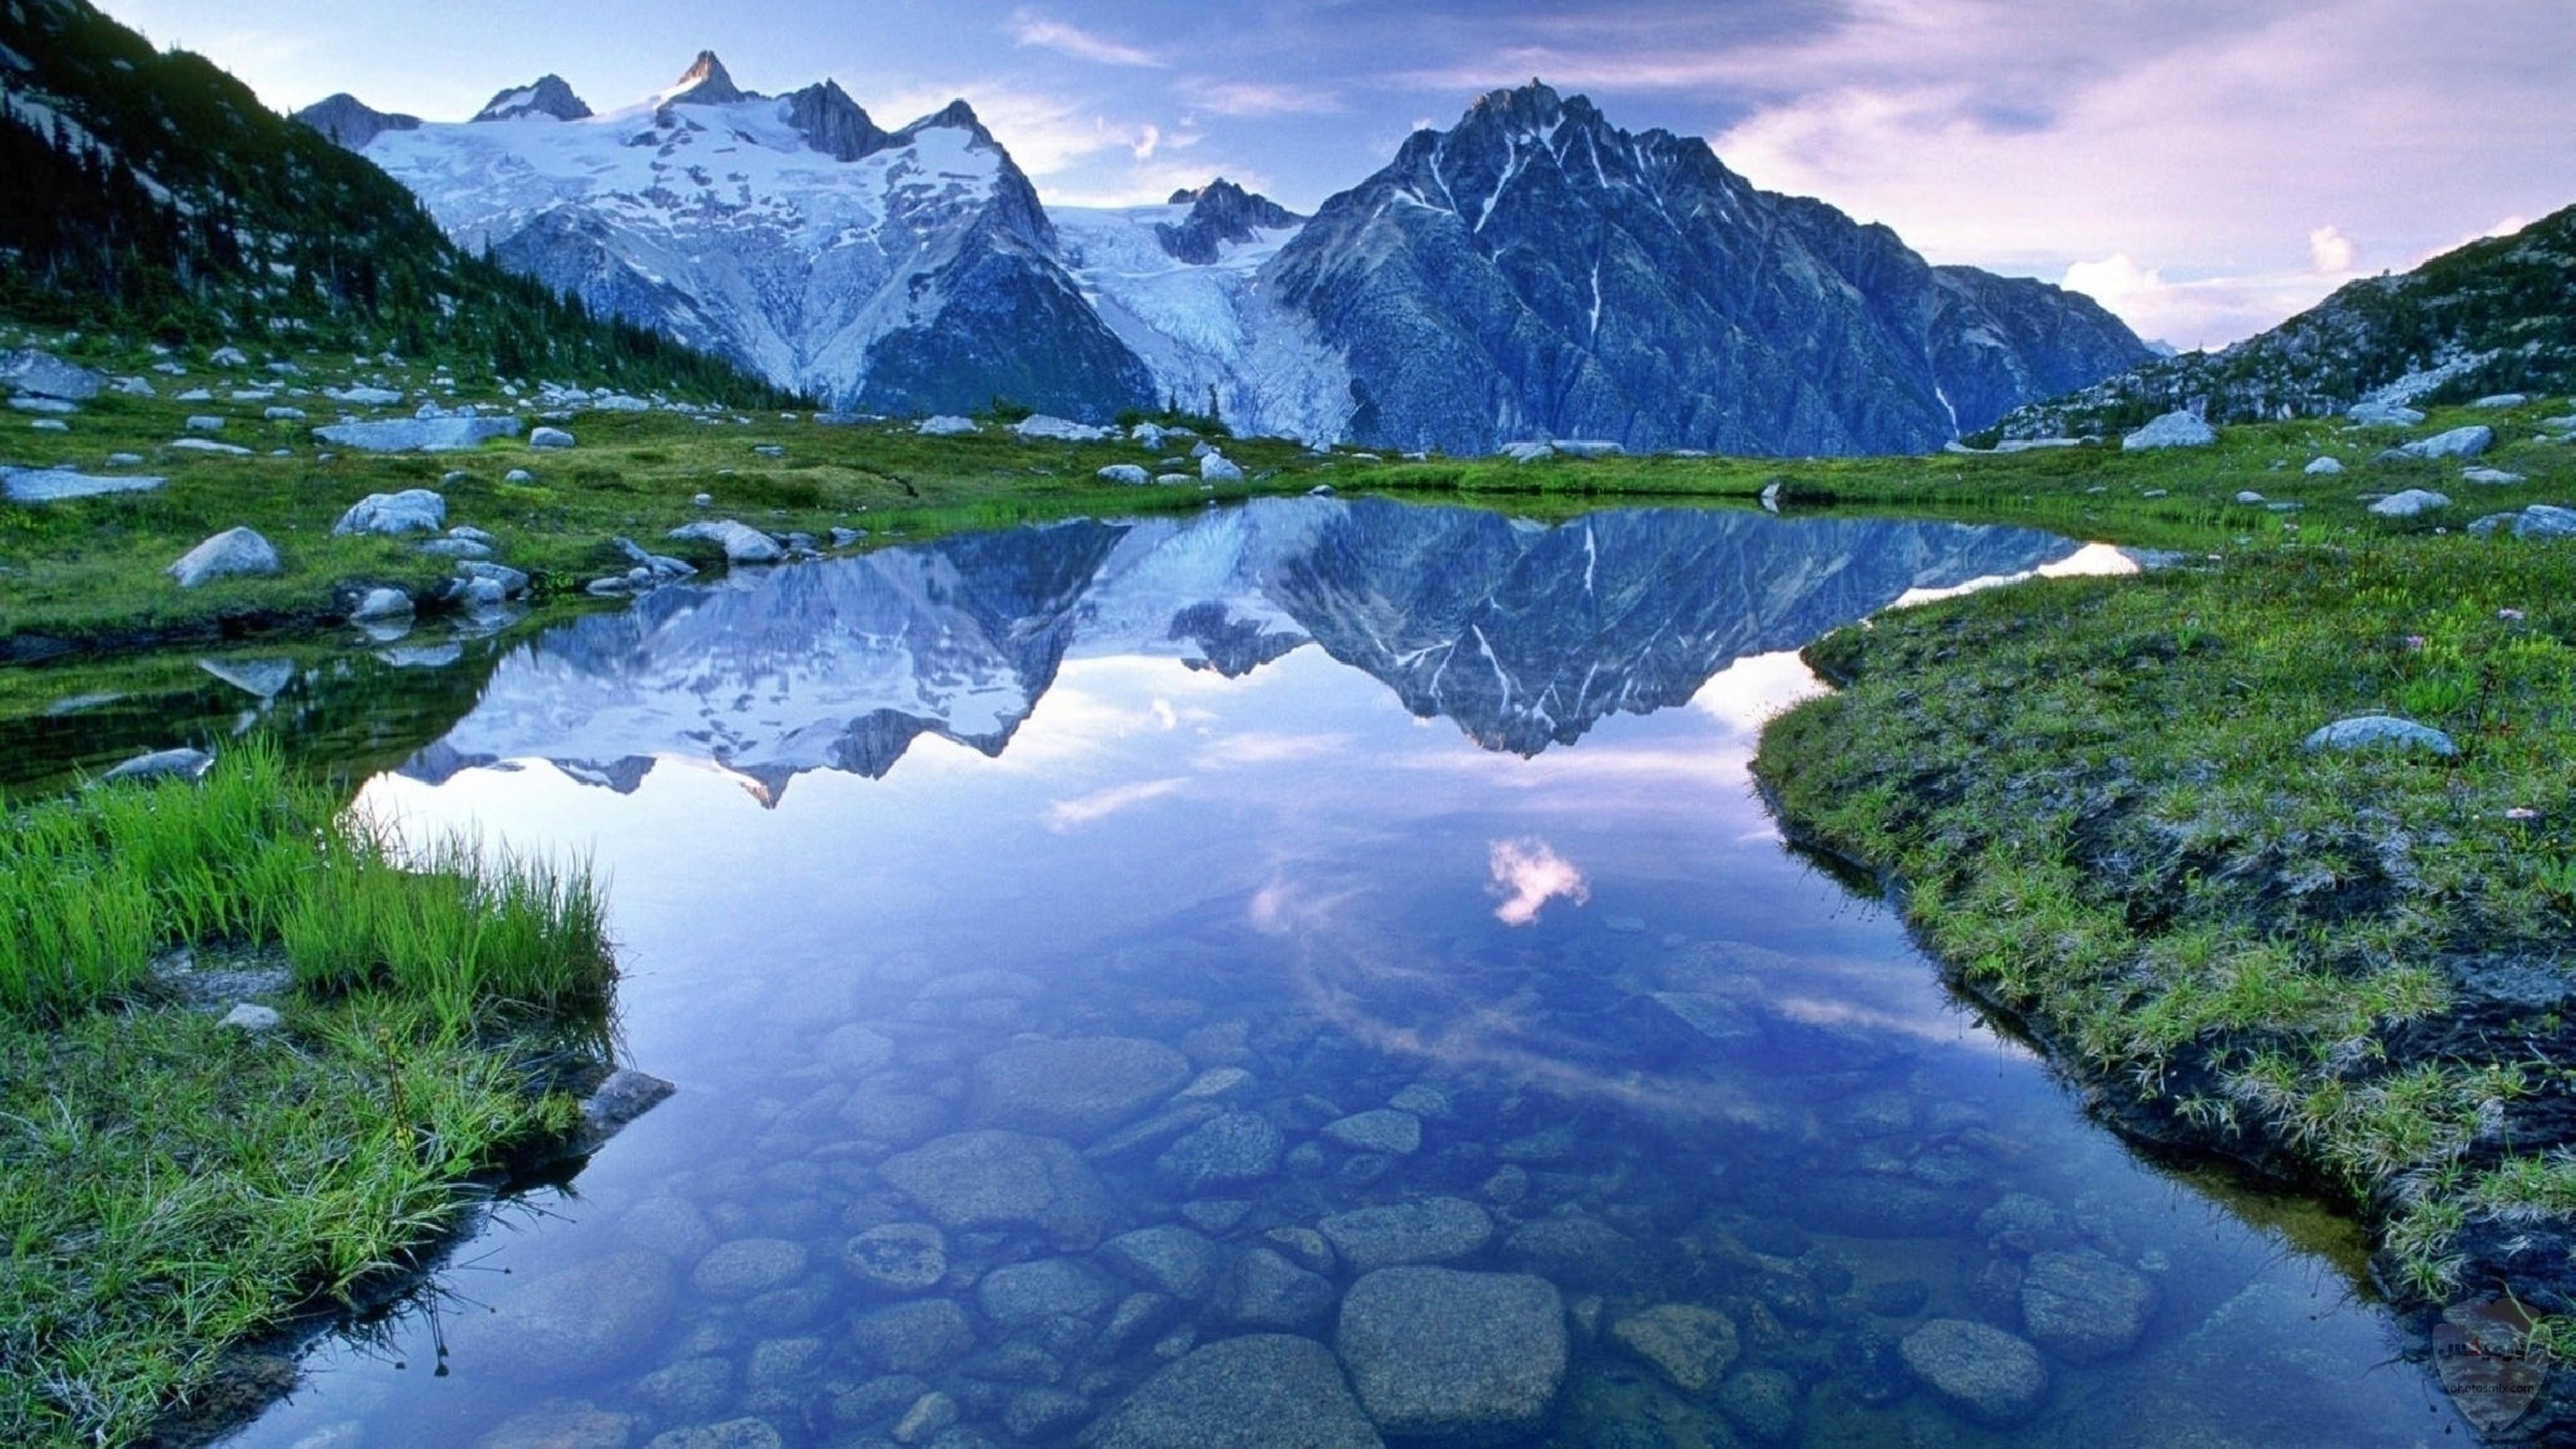 صور وخلفيات جبال وشلالات طبيعية HD خلفيات جبال خضراء وثلجية 39